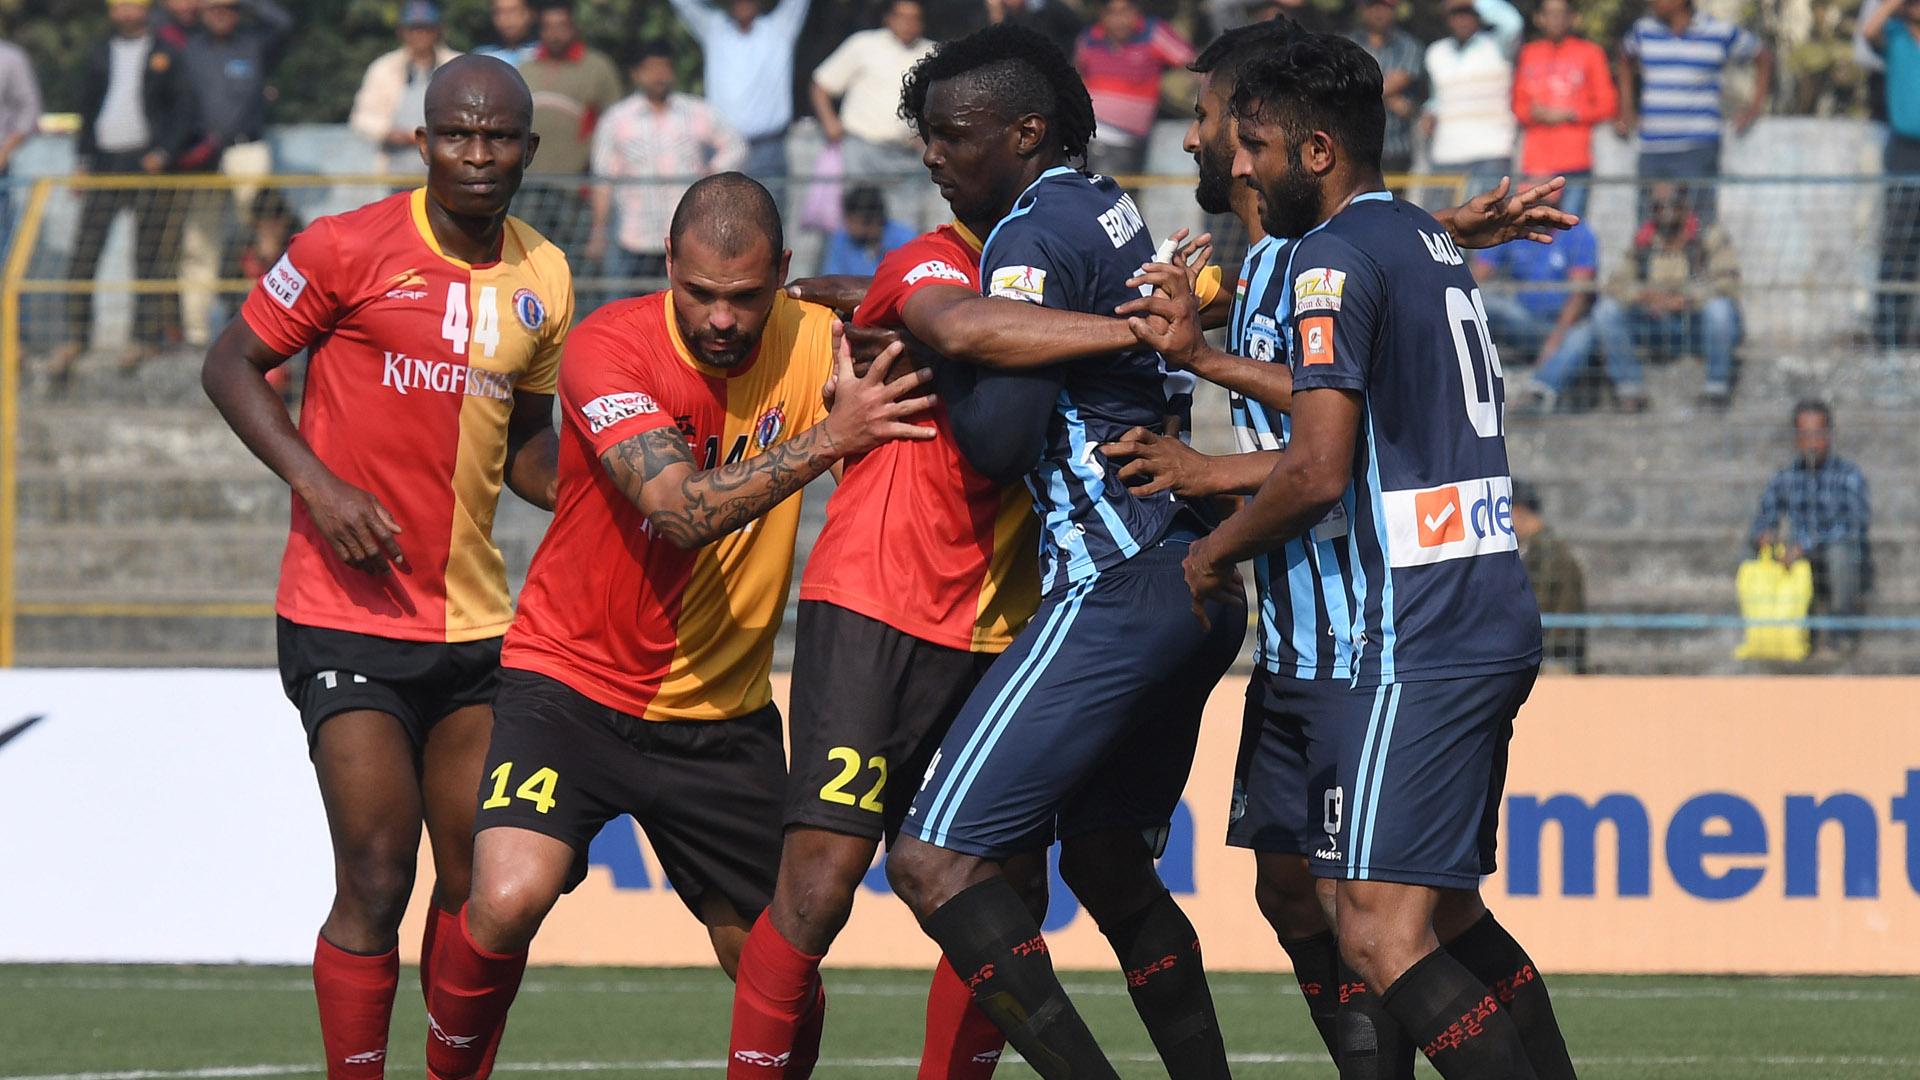 East Bengal Minerva Punjab FC I-League 2017/2018